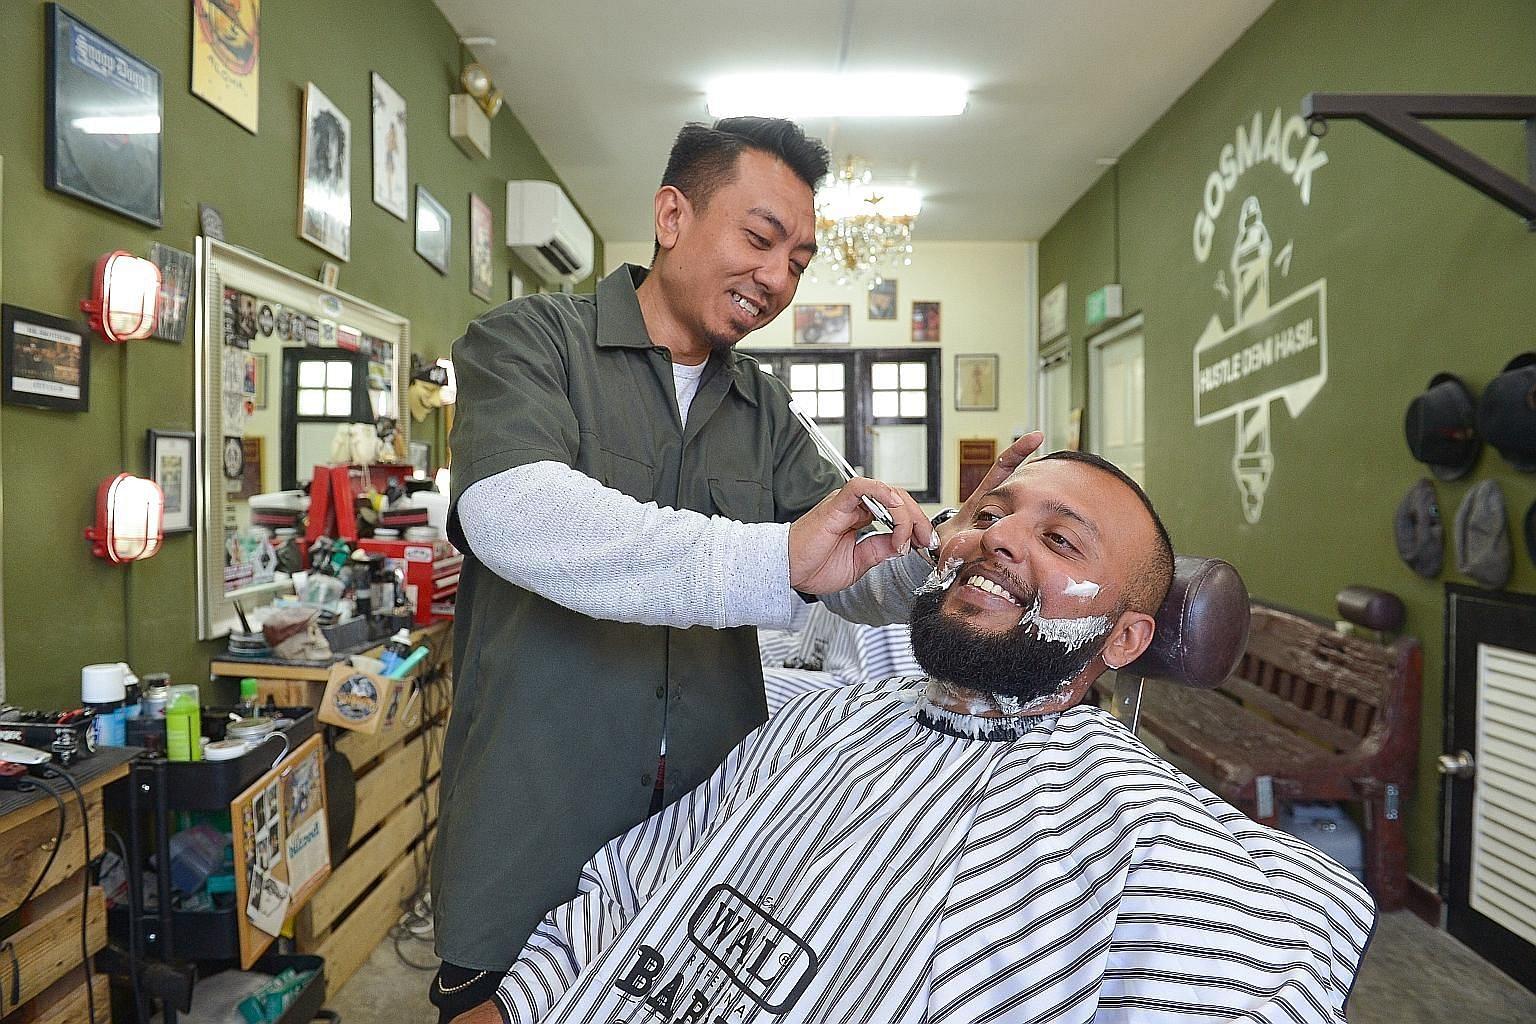 Co-owner of Gosmack Barbershop Art Mirzi giving events coordinator Gopi Kalipermal a shave.